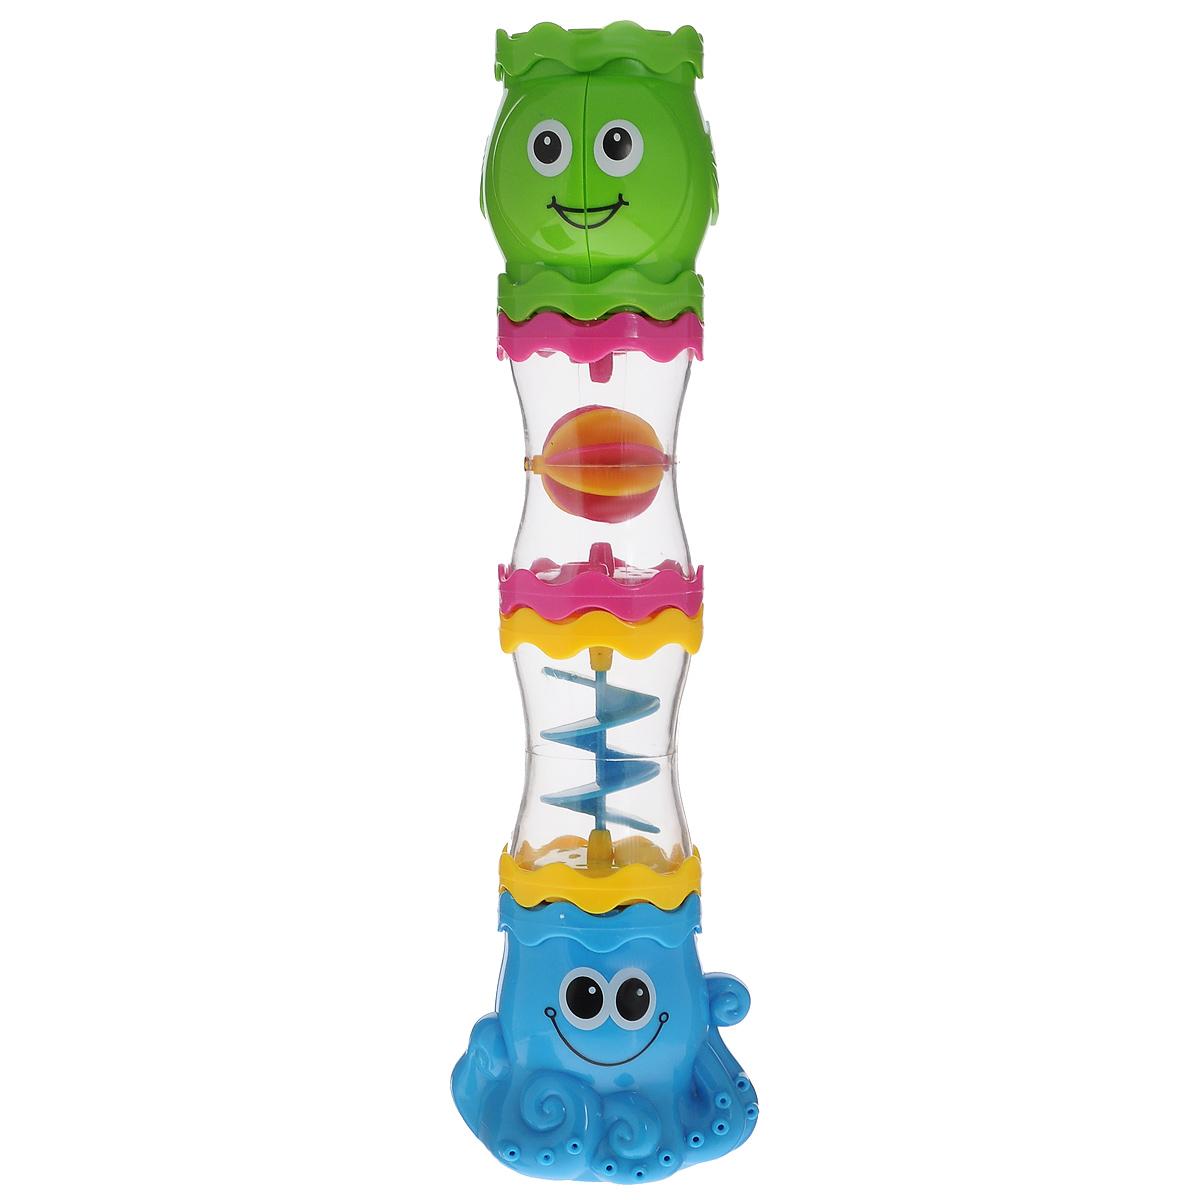 Игровой набор для ванной Mioshi ОсьминожкиTY9052Игровой набор для ванной Mioshi Осьминожки превратит обычное купание в увлекательную игру! Играя, малыш развивает мелкую моторику, восприятие формы и цвета предметов, а также слух и зрение. Элементы игрушек выполнены в виде веселых осьминогов. Набор состоит из четырех элементов. Игрушки Mioshi созданы специально для малышей, которые только начинают познавать этот волшебный мир. Дети в раннем возрасте всегда очень любознательны, они тщательно исследуют все, что попадает им в руки. Заботясь о здоровье и безопасности малышей, Mioshi выпускает только качественную продукцию, которая прошла сертификацию.